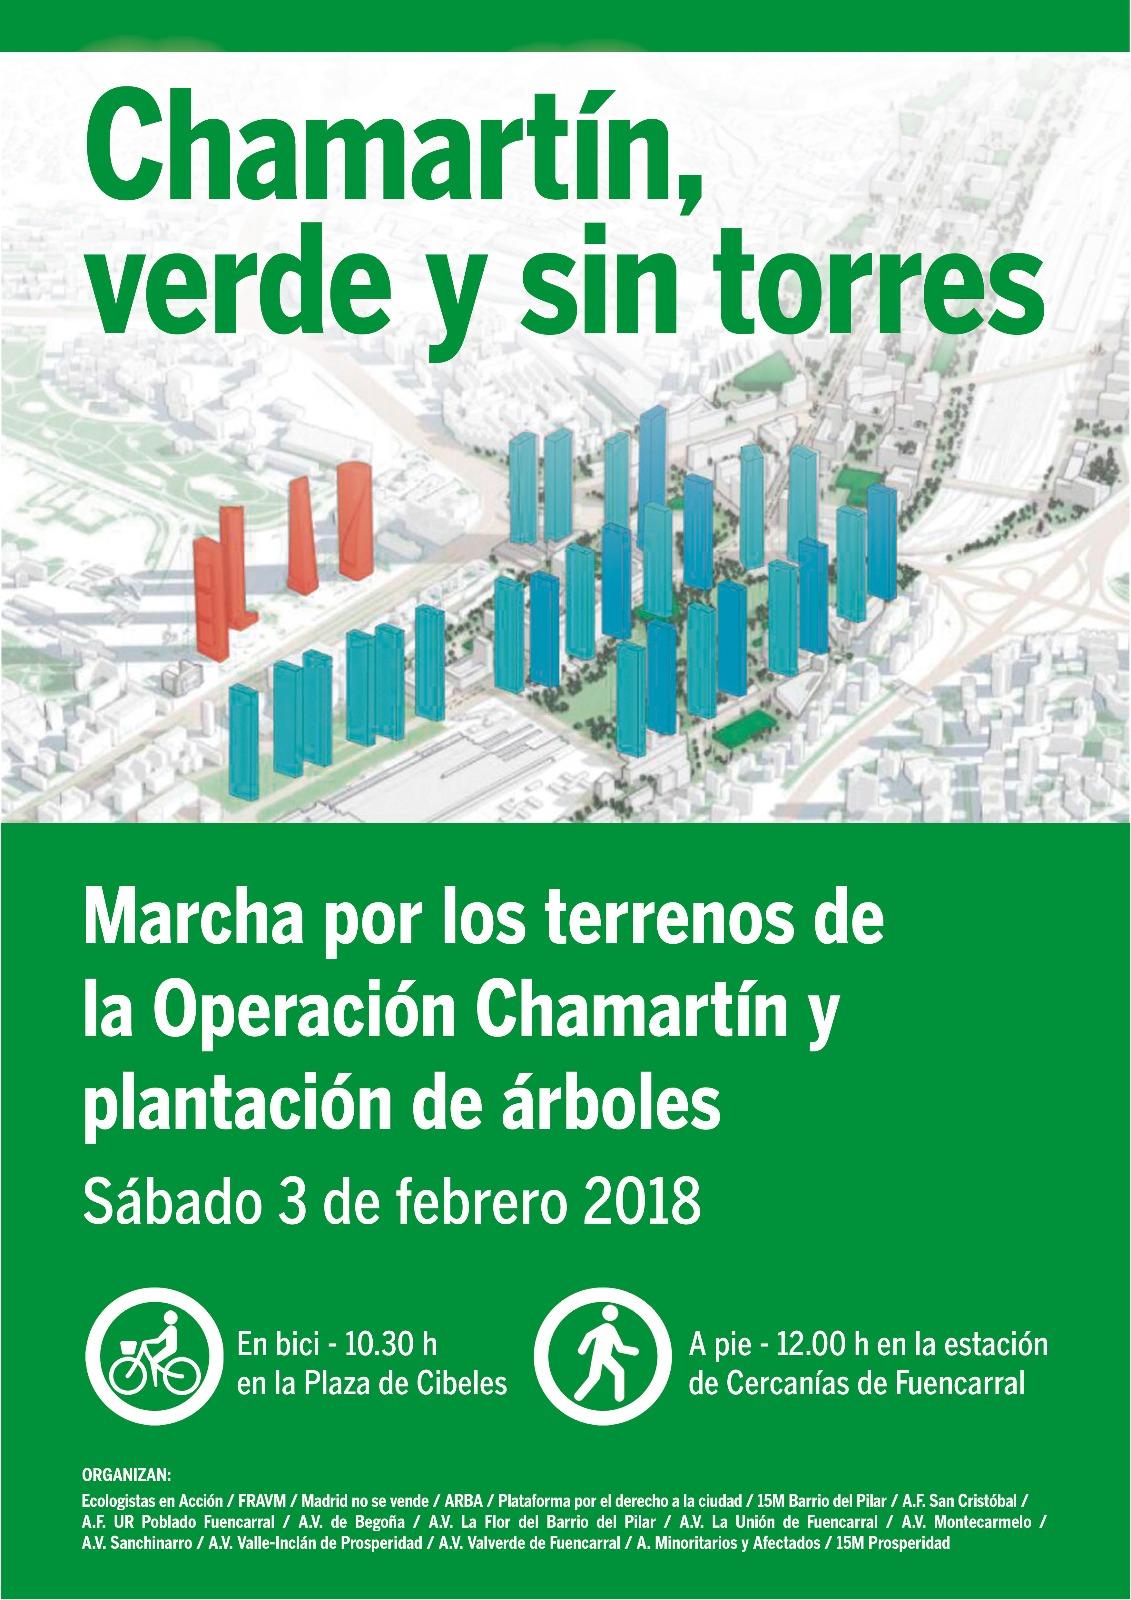 Madrid: Marcha por los terrenos de la Operación Chamartín y ...